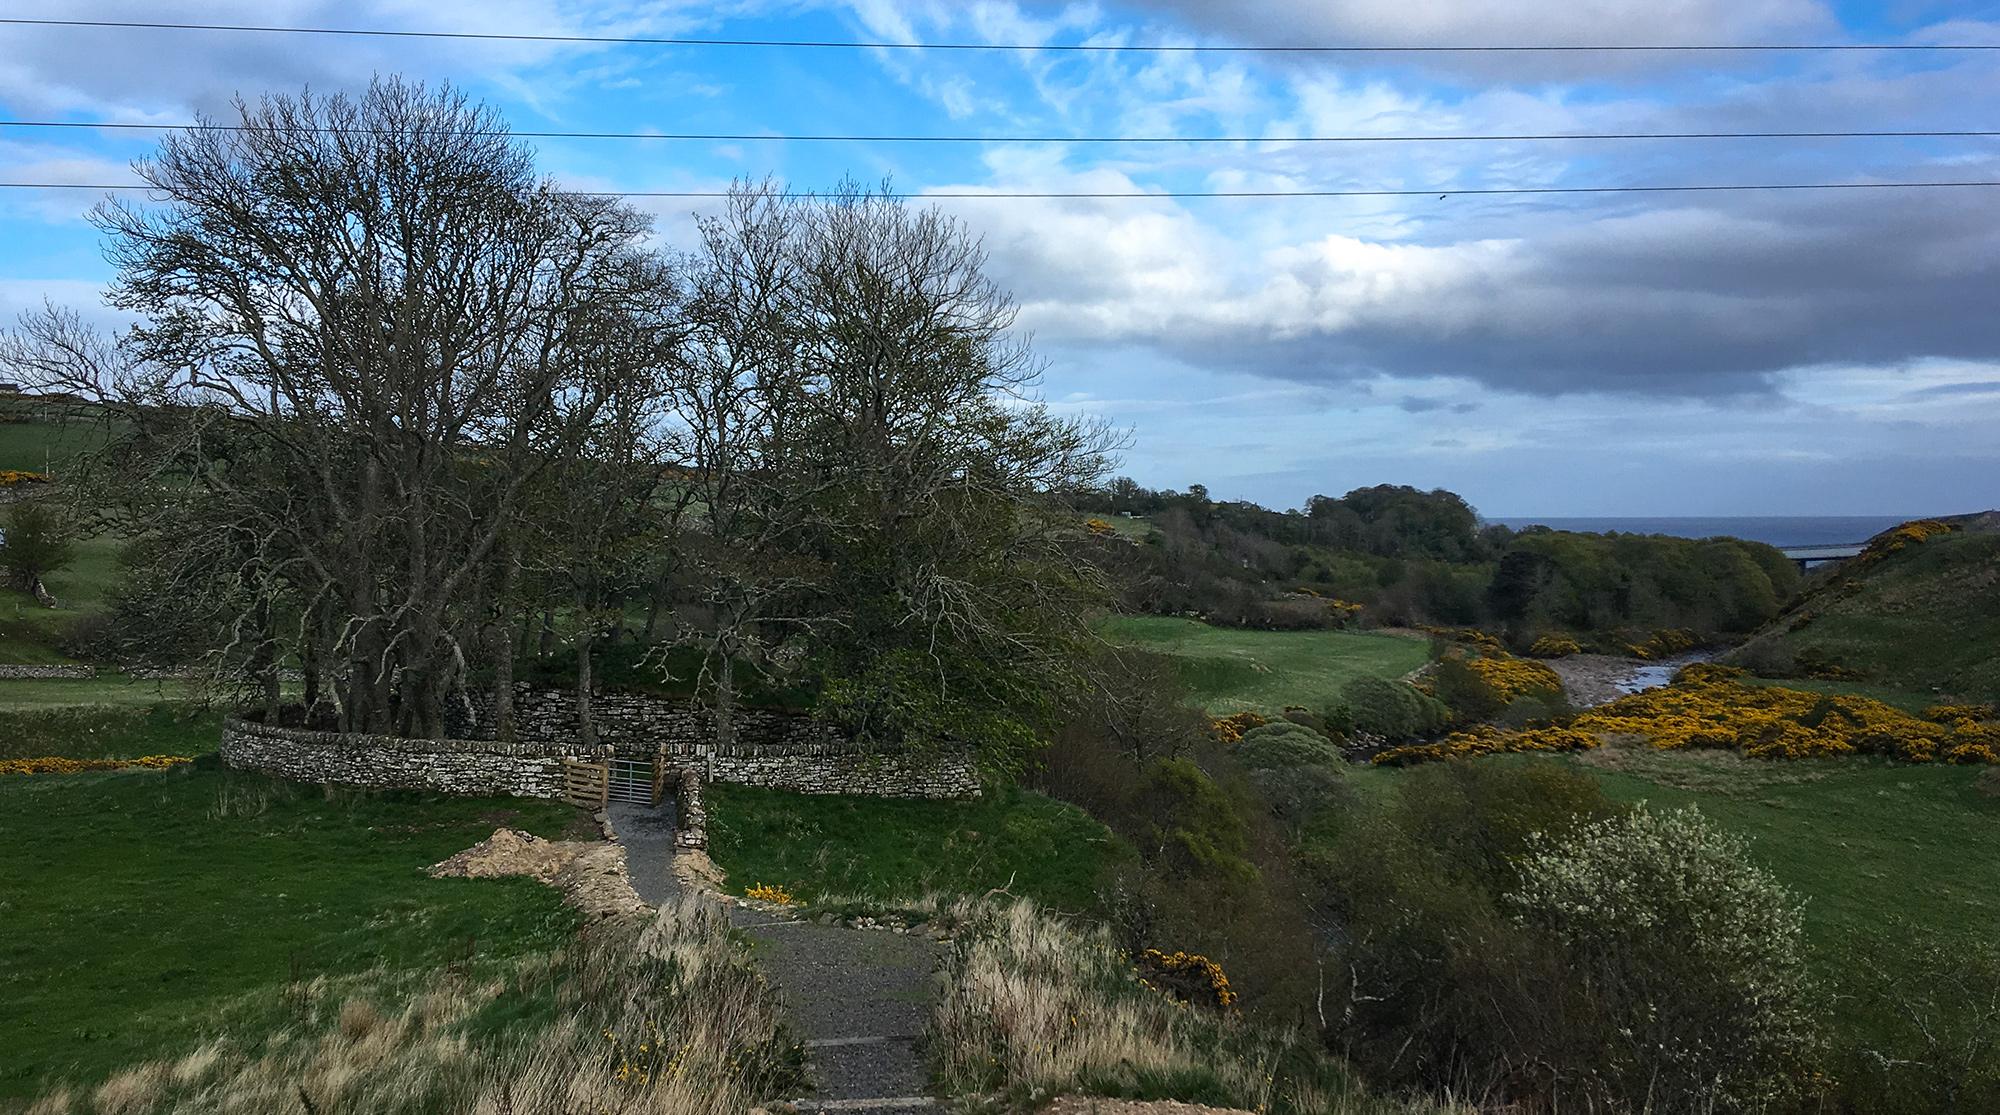 Dunbeath Broch von Steinmauer umzäunt und inmiten von Bäumen